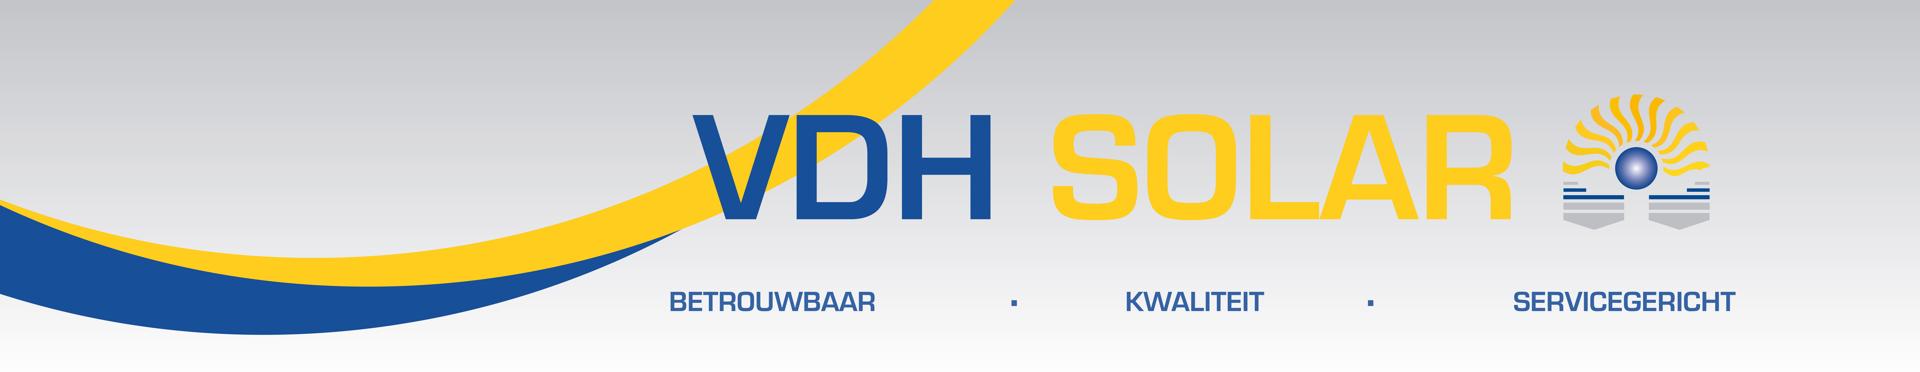 VDH Solar website banner